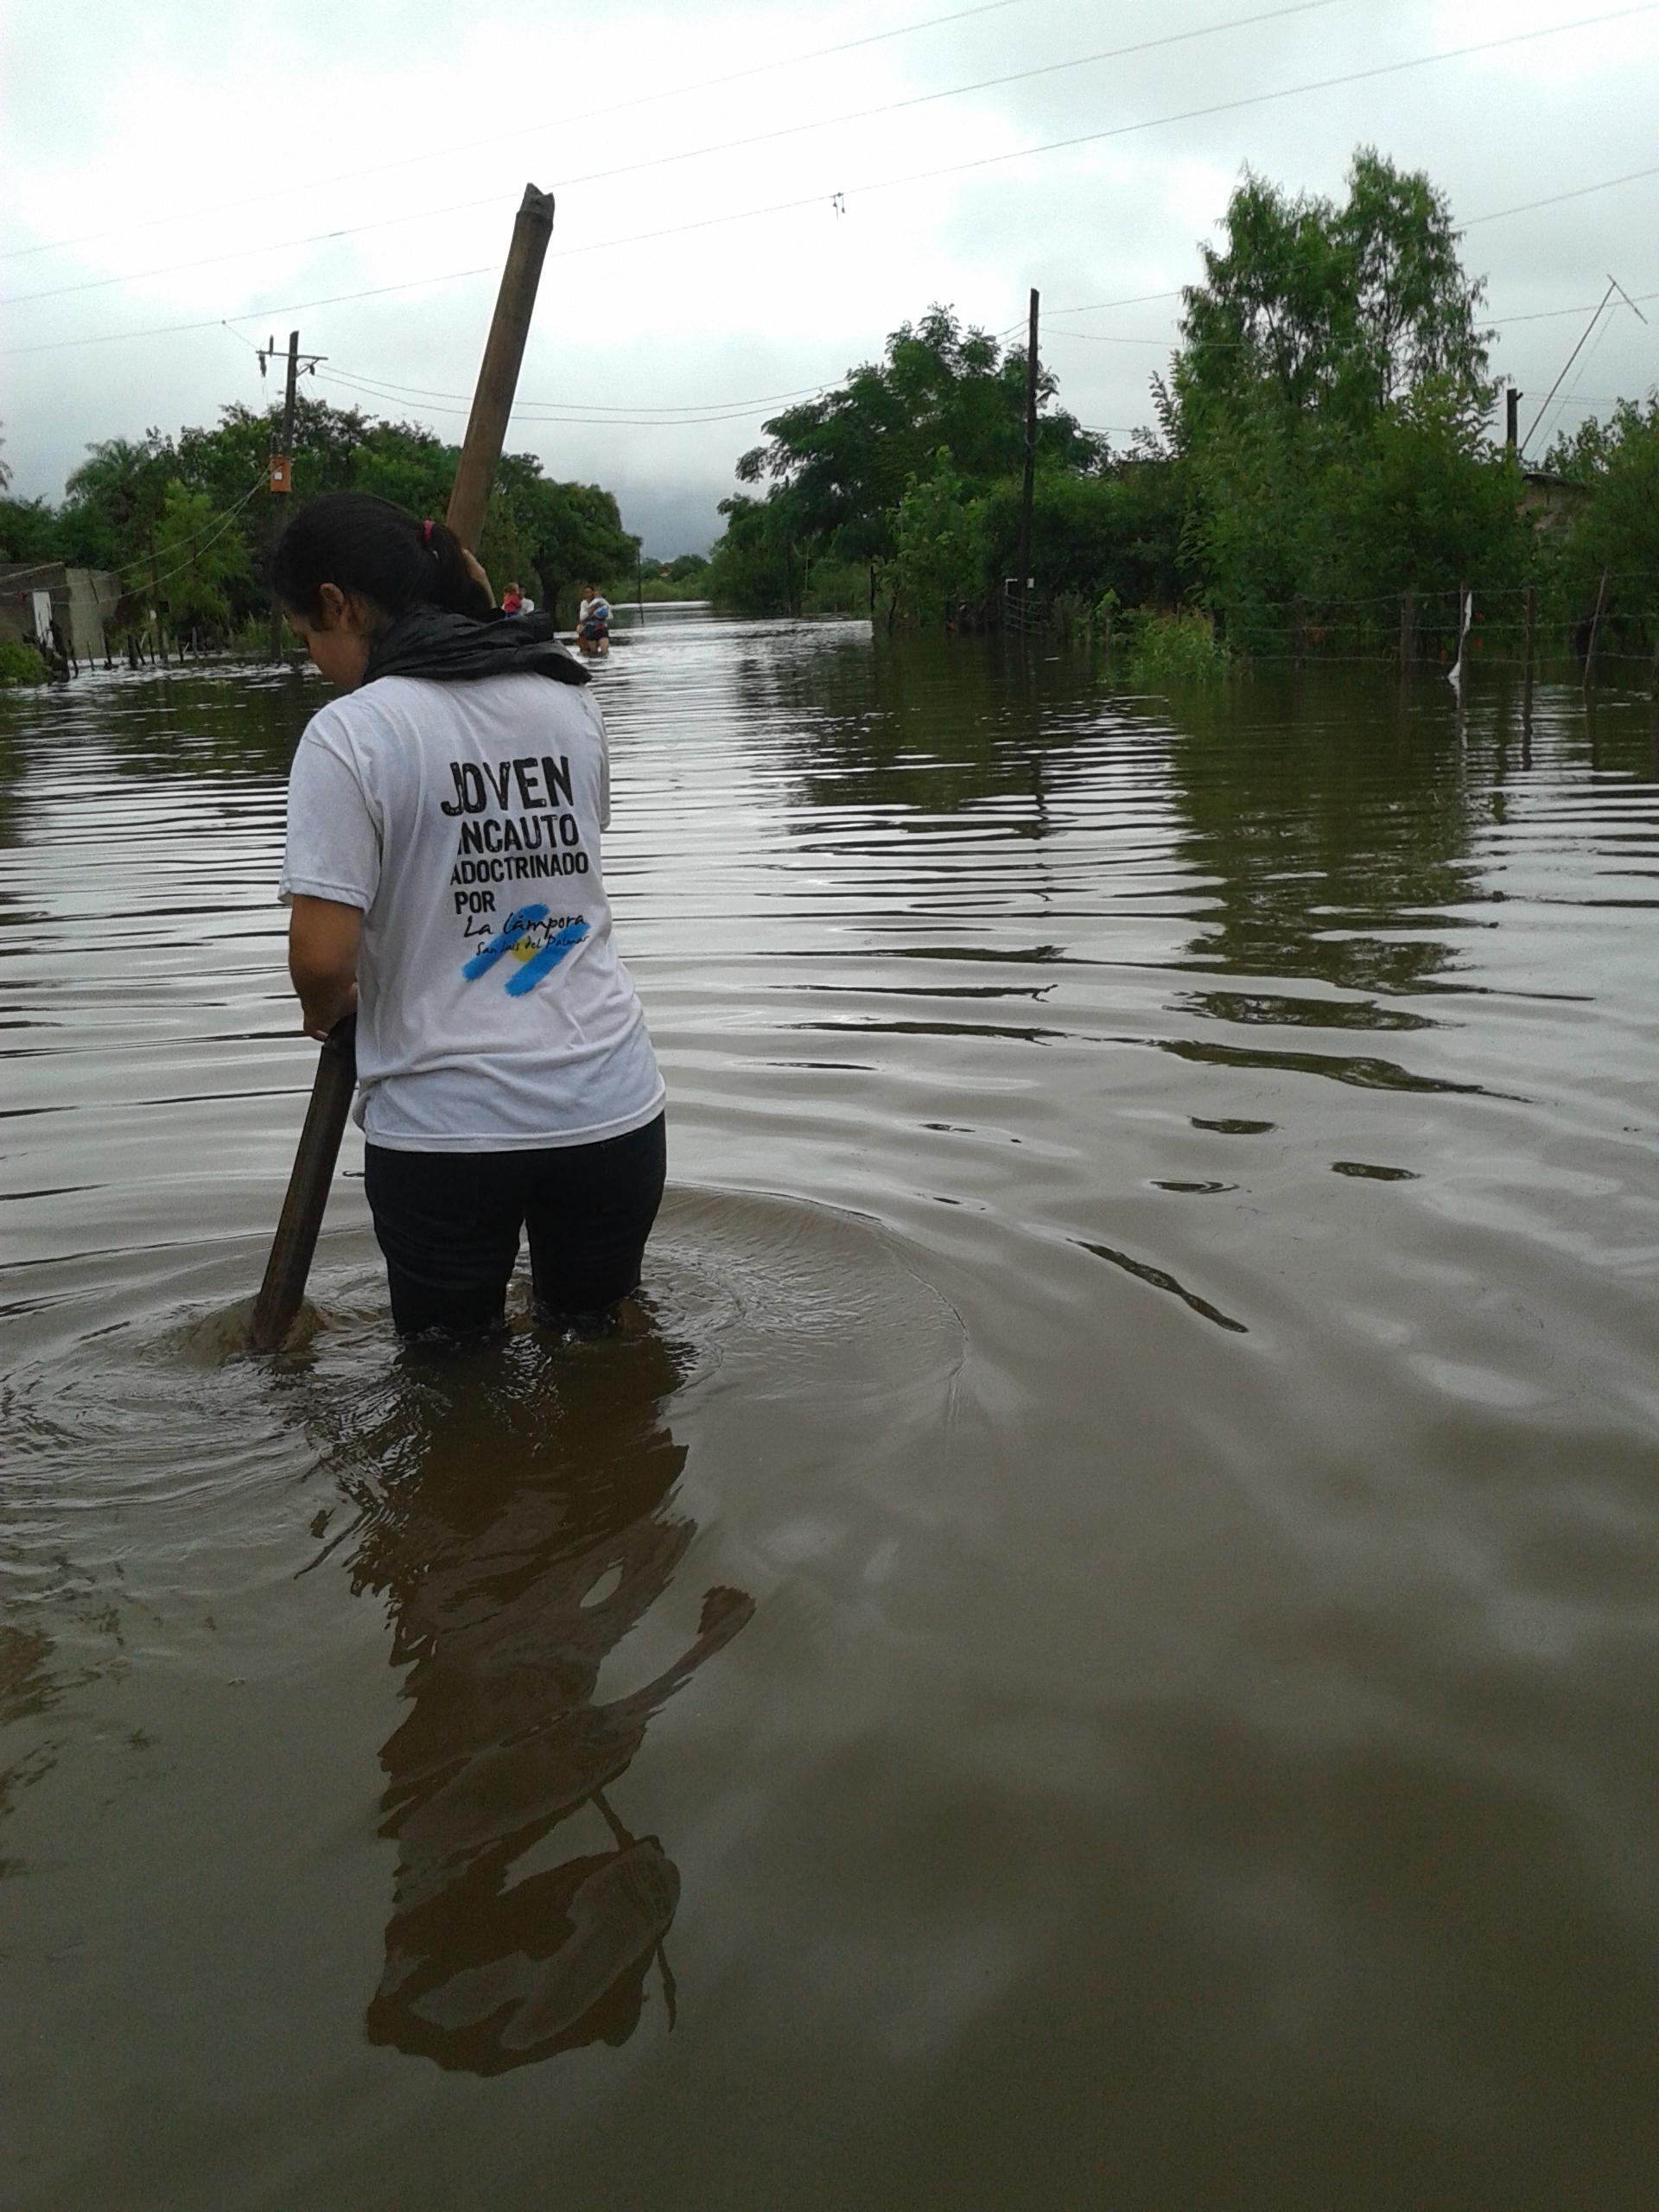 corrientes-sanluisdelpalmar-inundaciones-20marzo2014